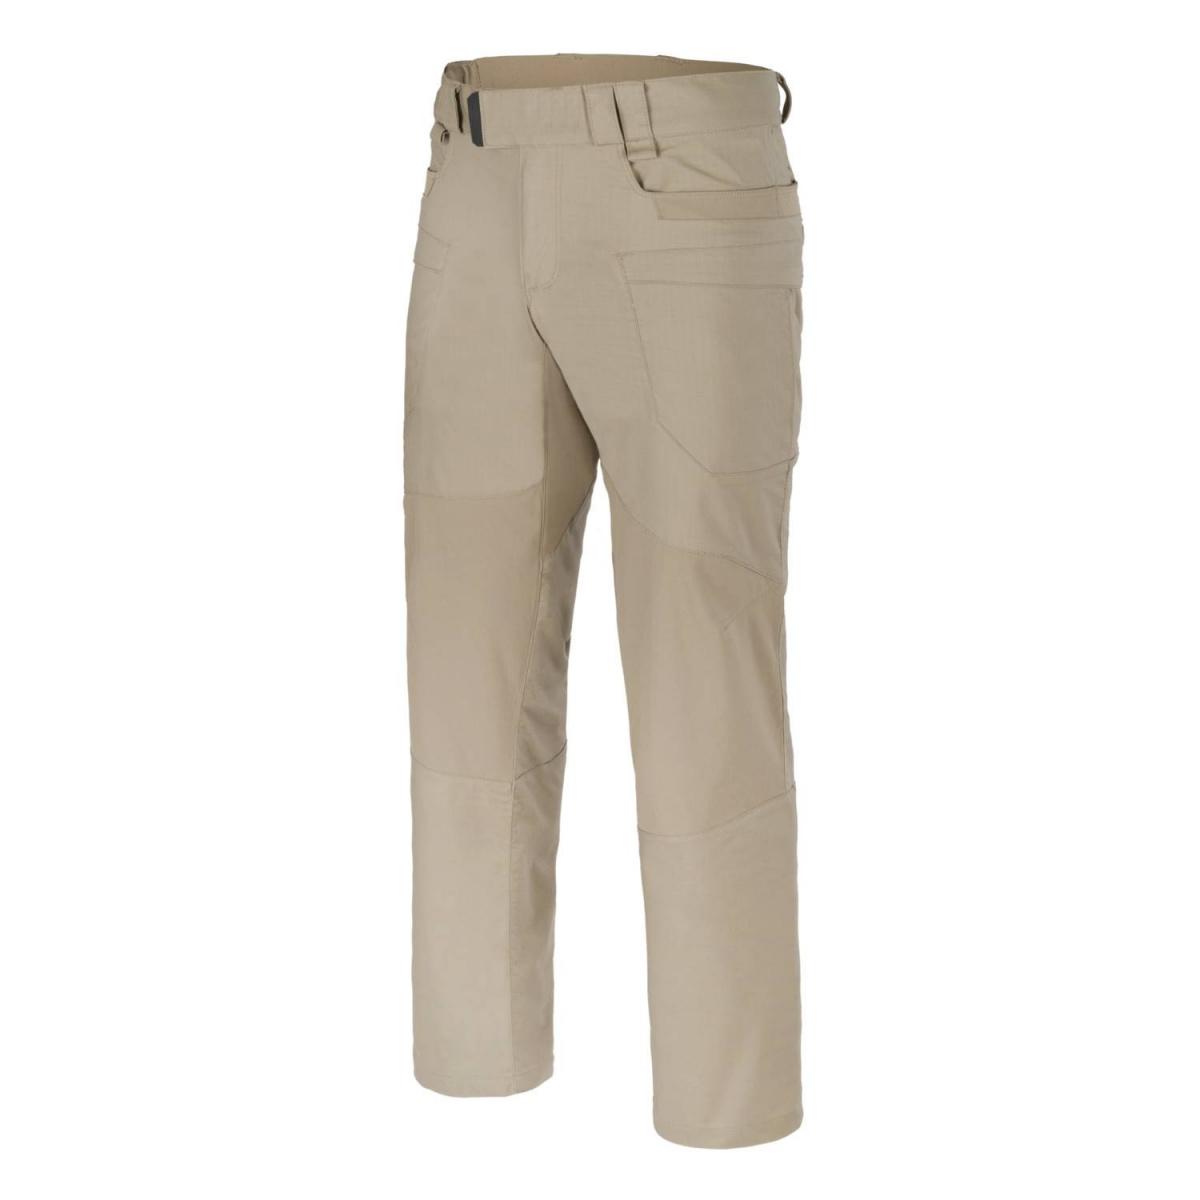 Kalhoty HYBRID TACTICAL KHAKI - zvìtšit obrázek